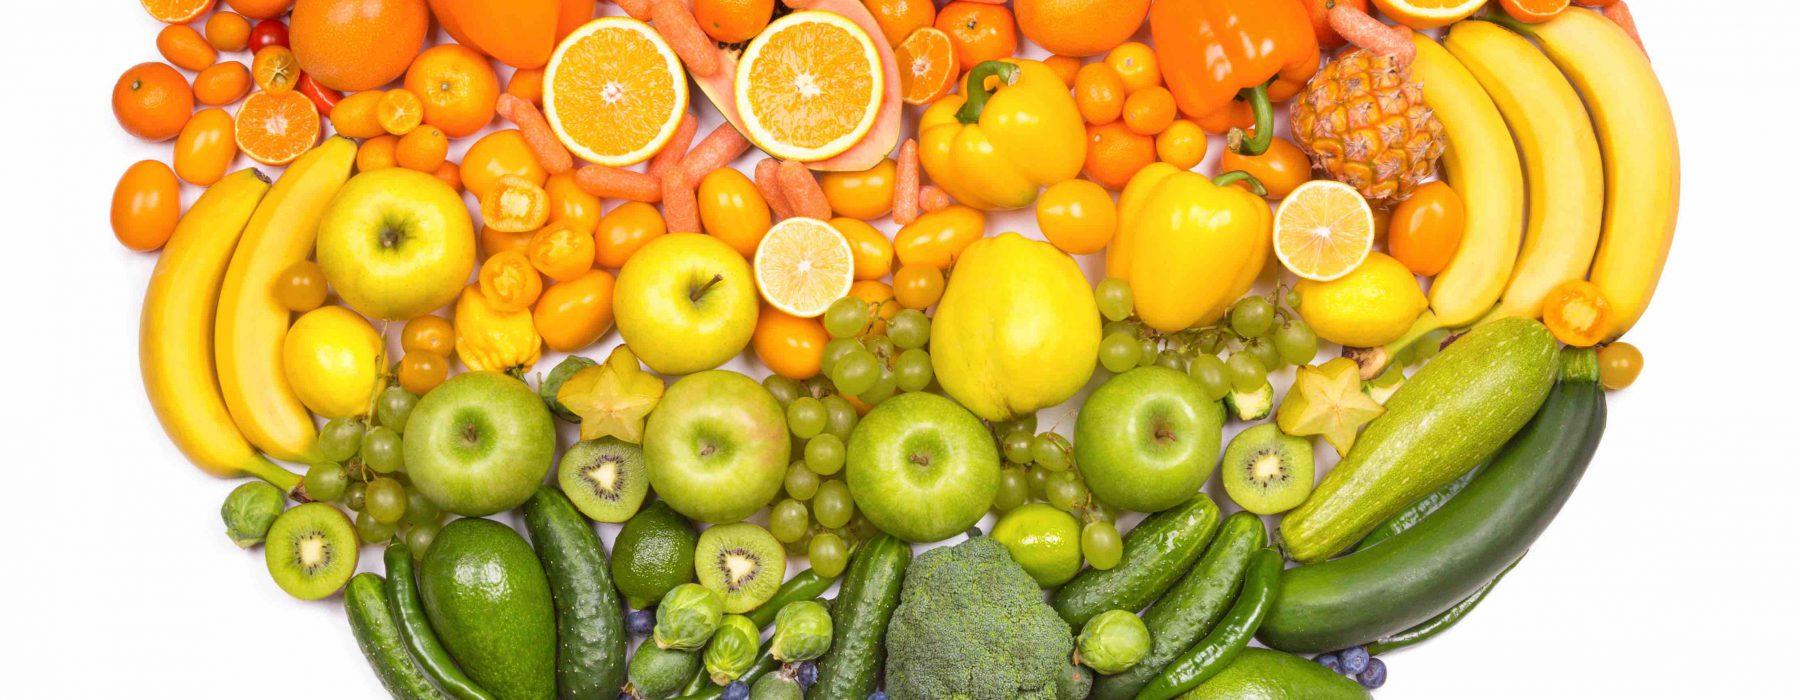 Mesas coloreadas con frutas y verduras